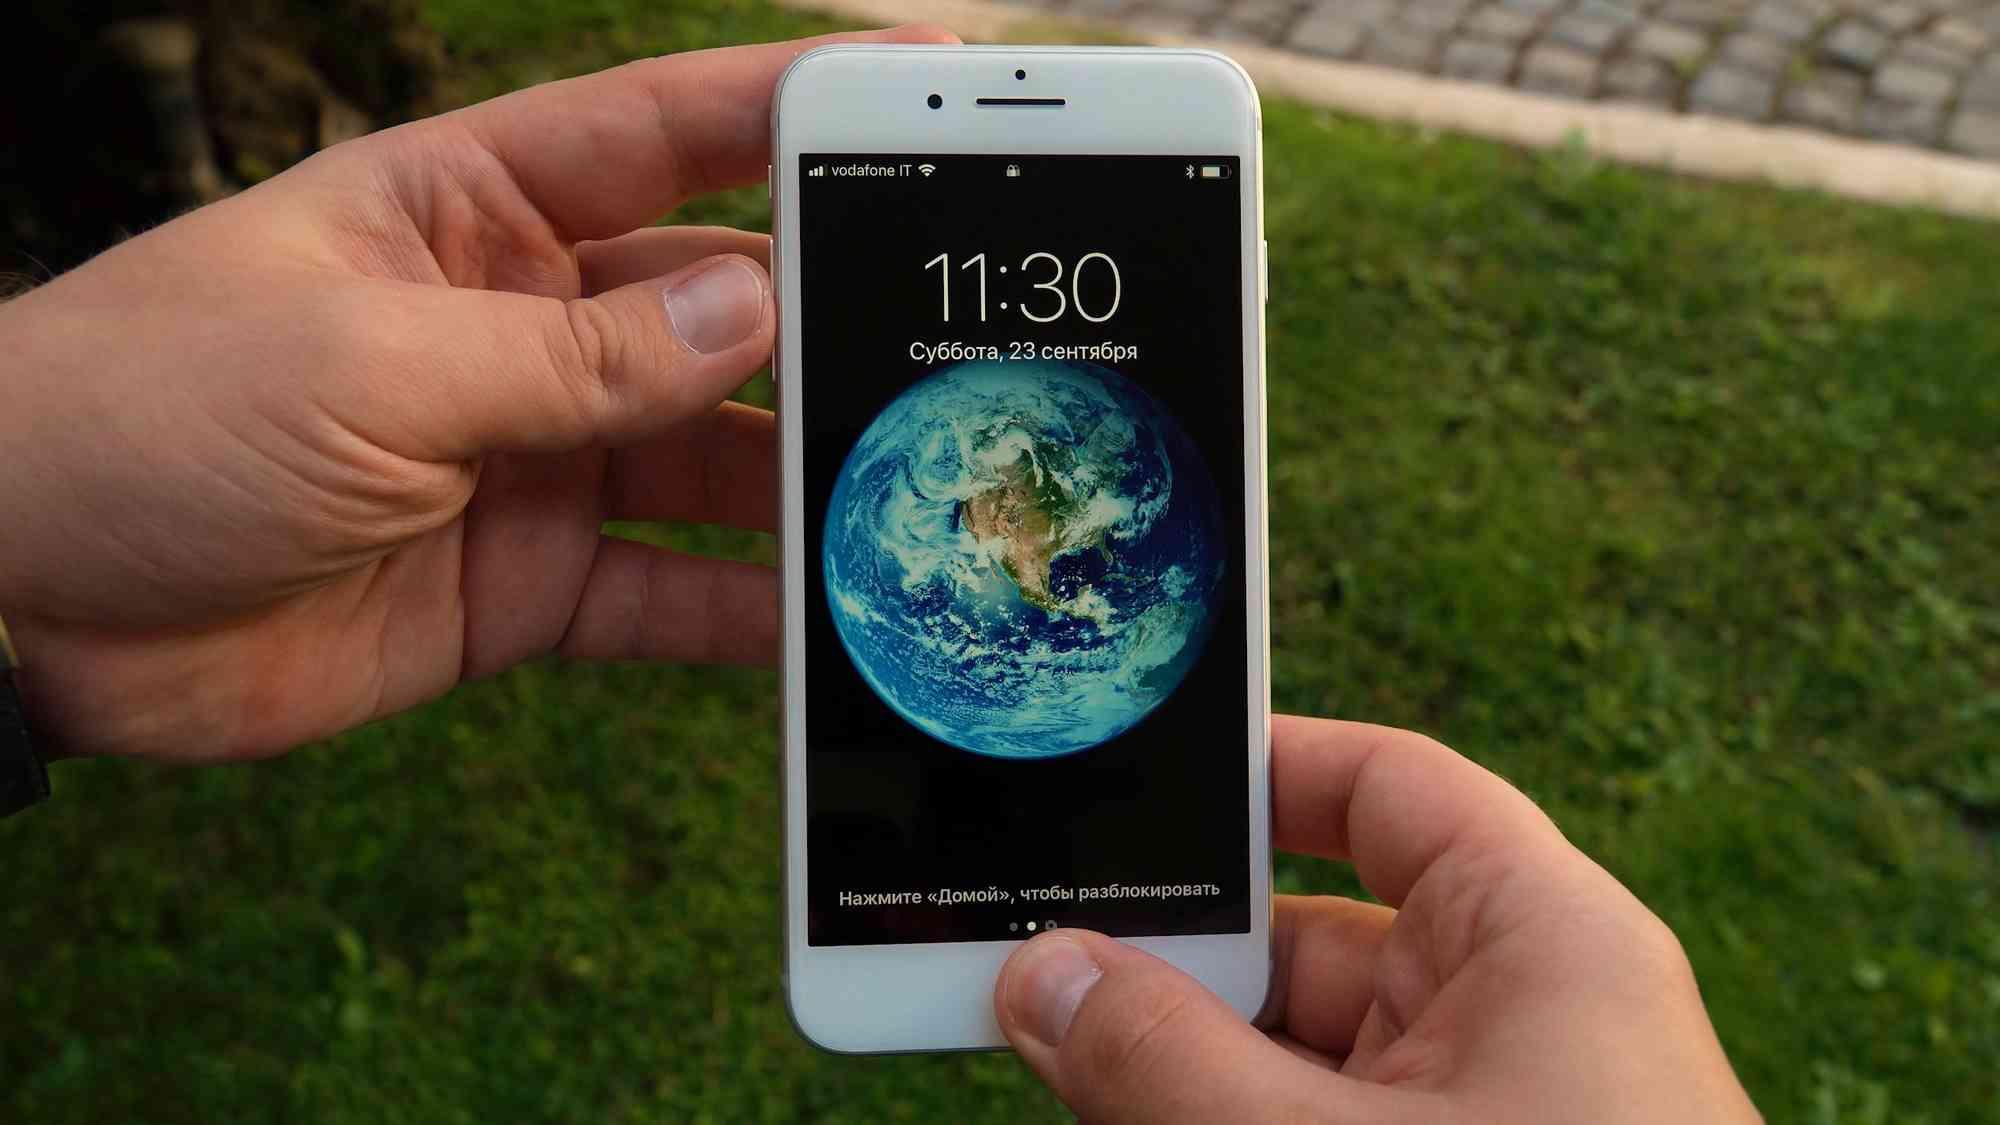 Первый, быстрый обзор iPhone 8 Plus с реальными фото Apple  - iphone8plus_obzor_02-1